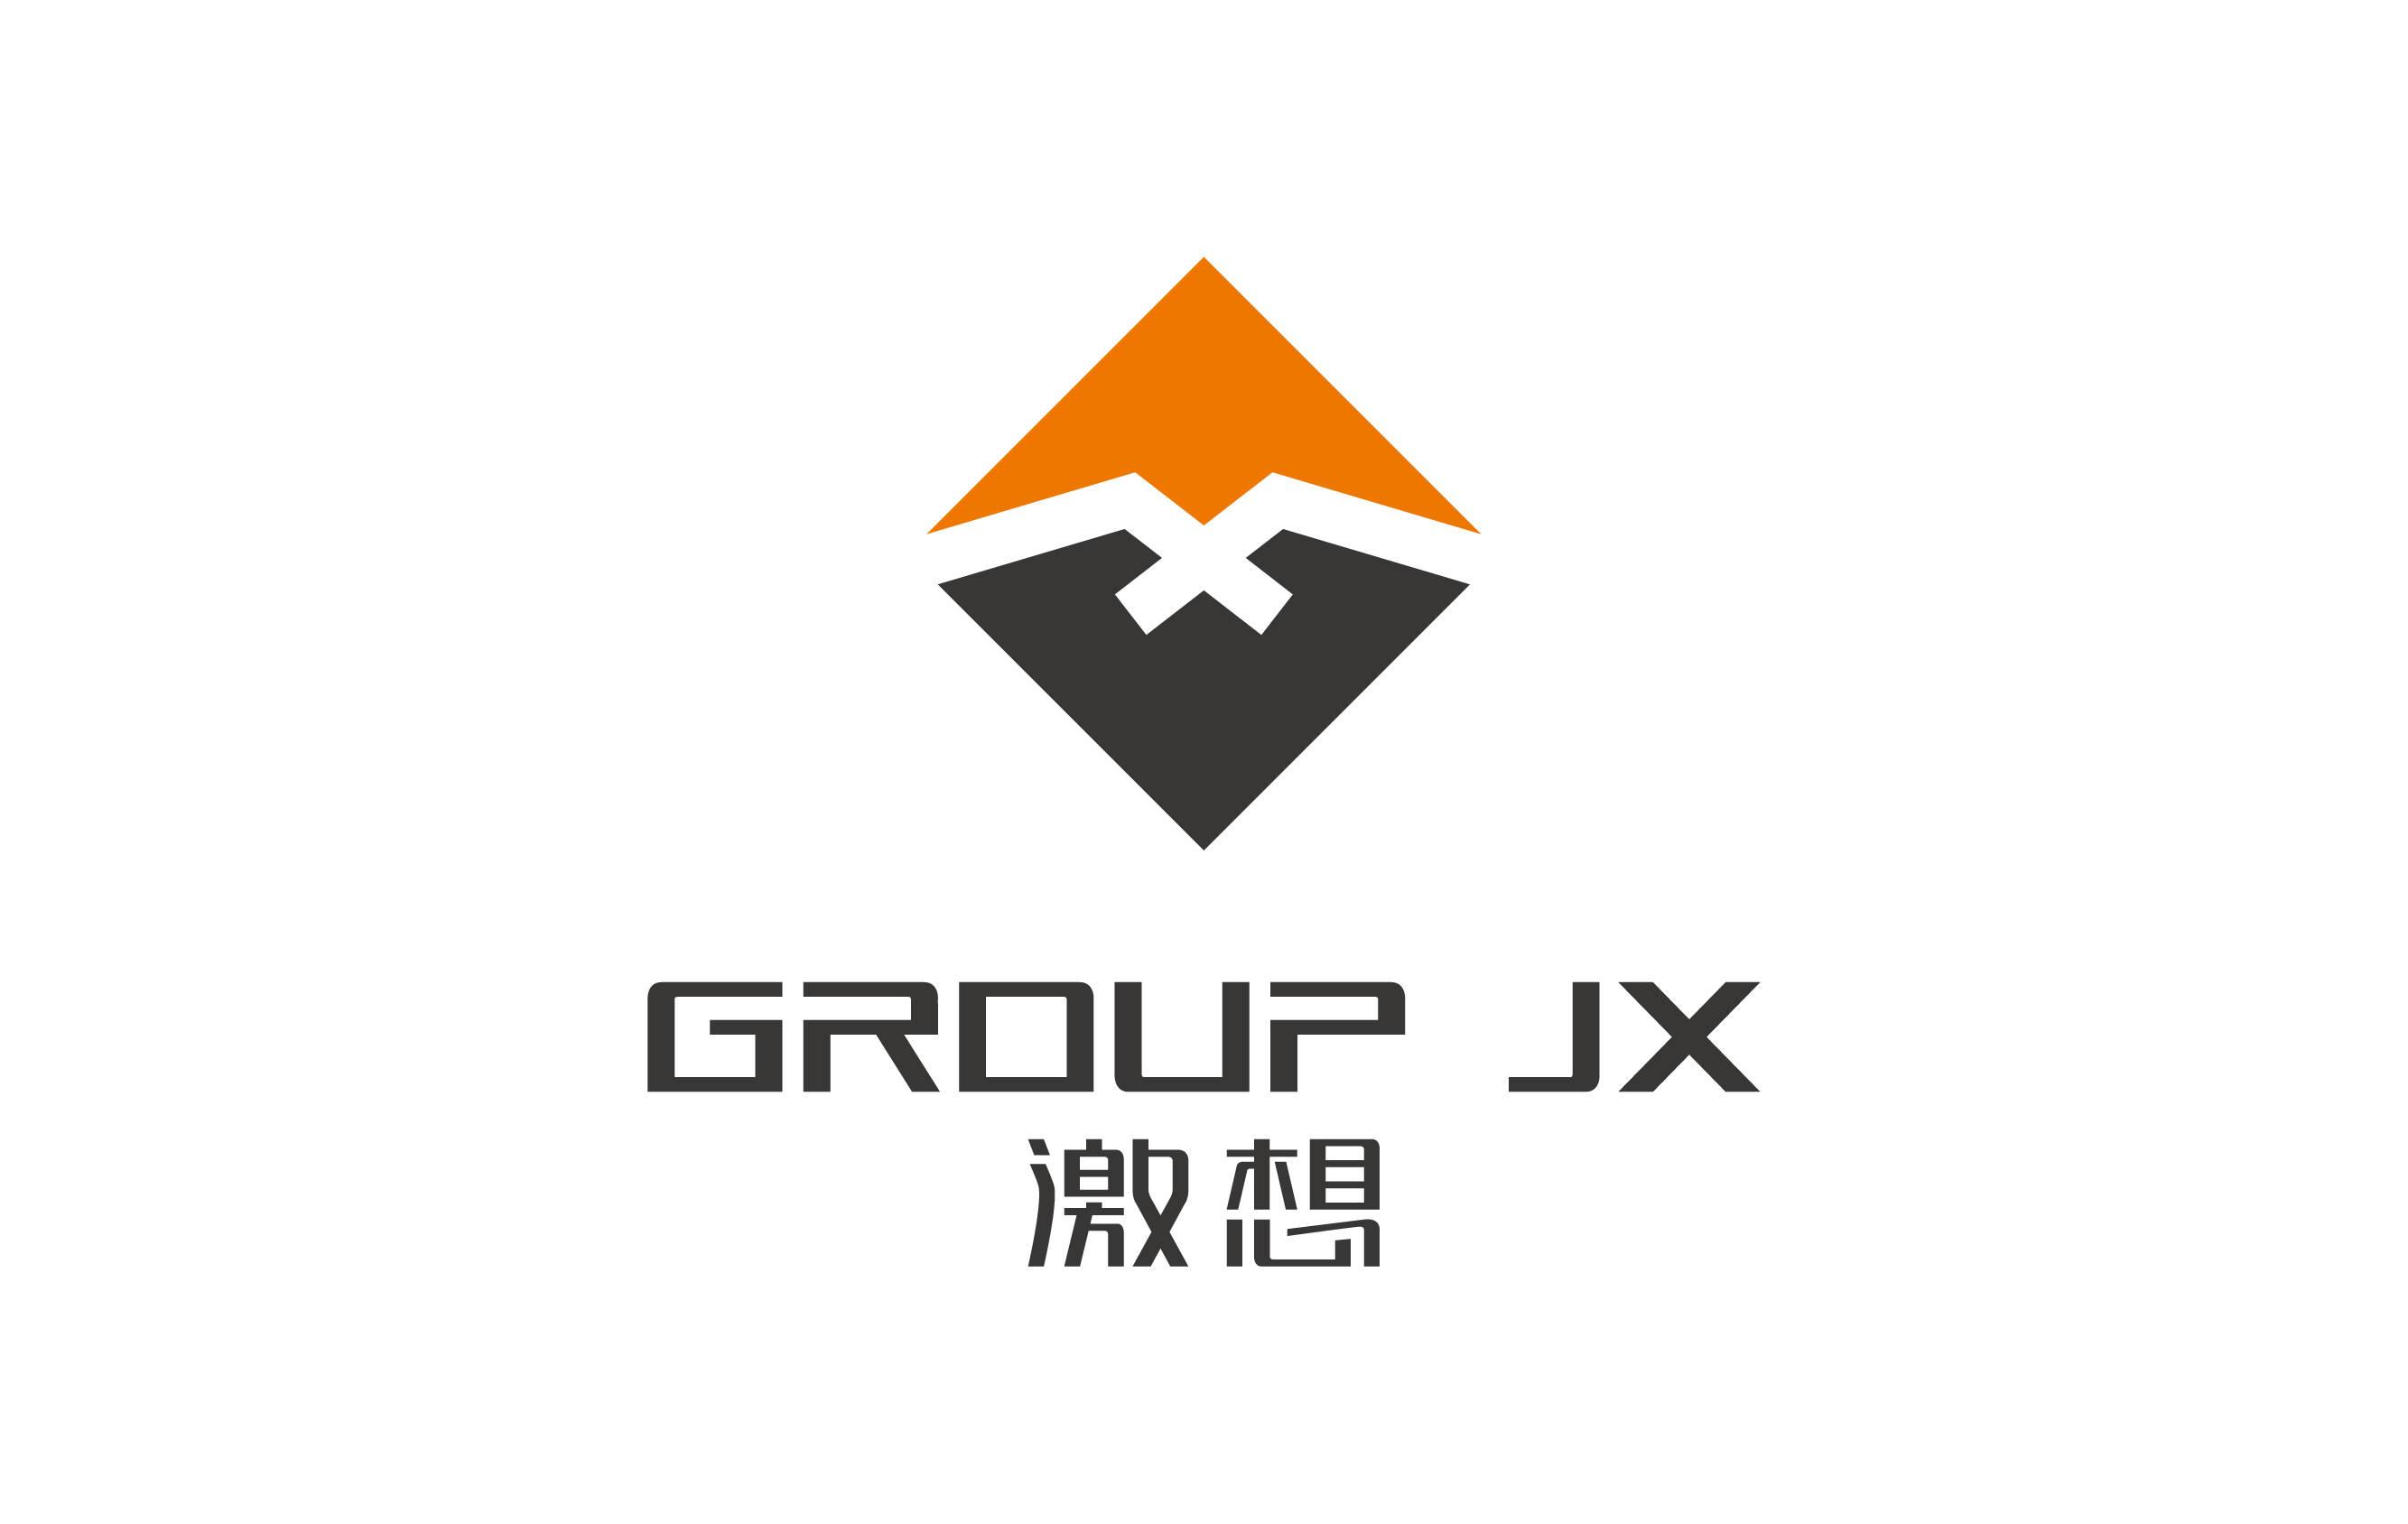 上海激想体育用品logo标志设计